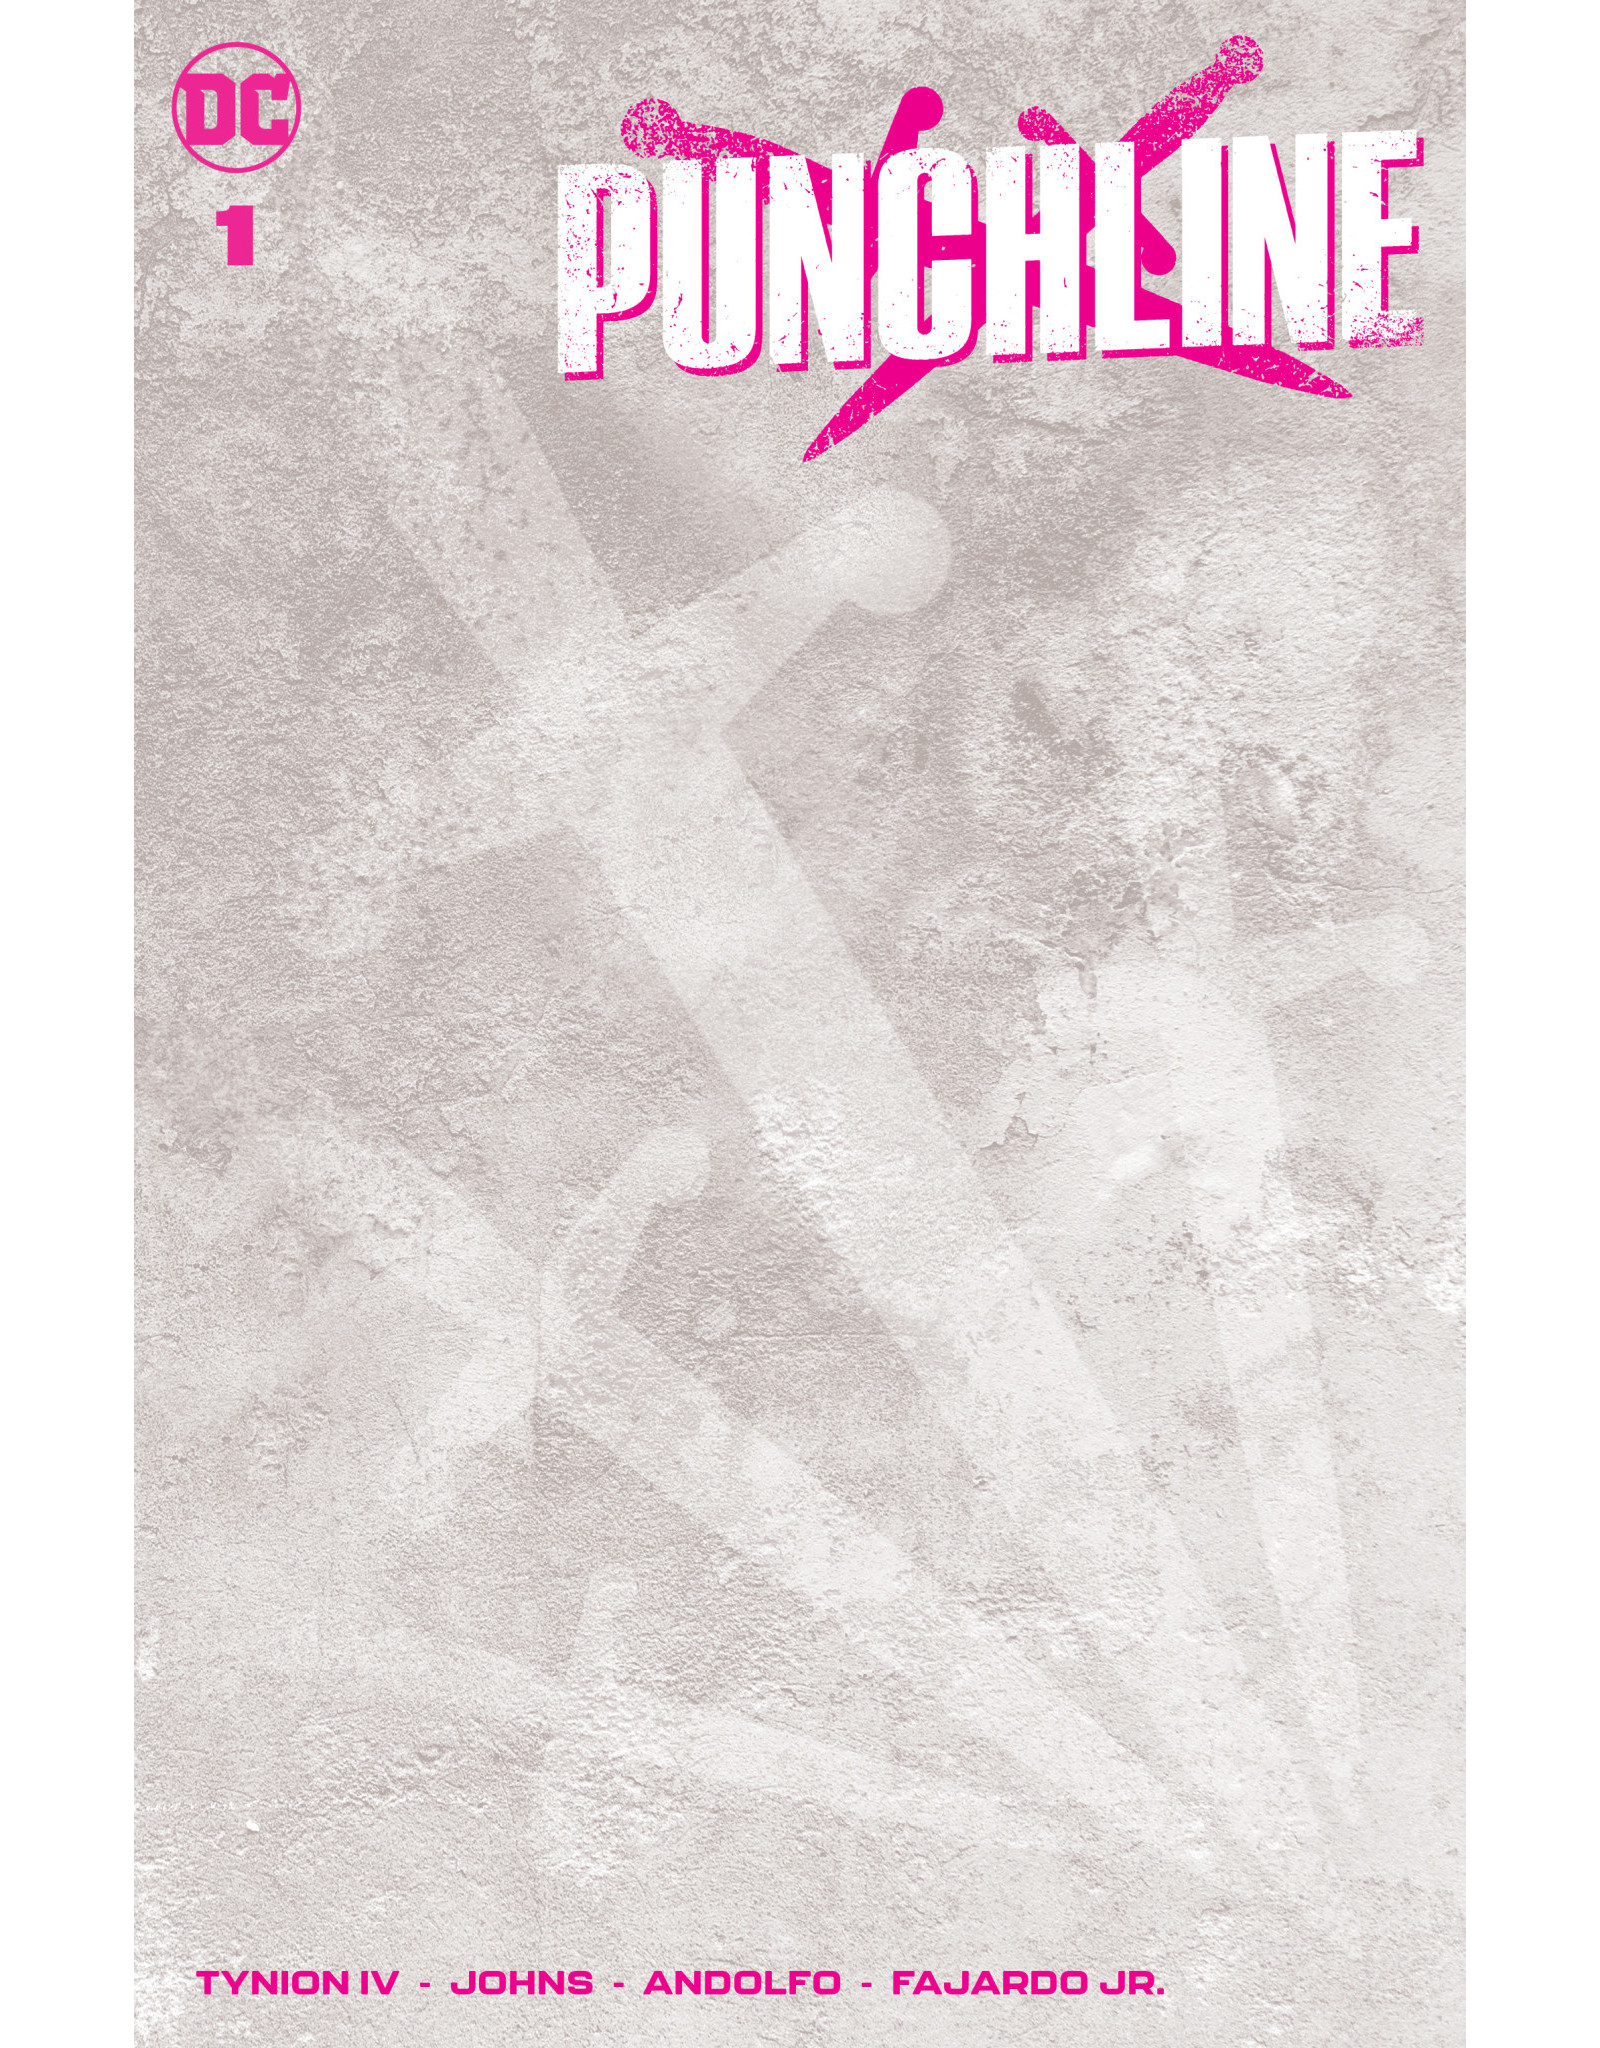 DC Comics PUNCHLINE SPECIAL #1 (ONE SHOT) CVR C BLANK VAR